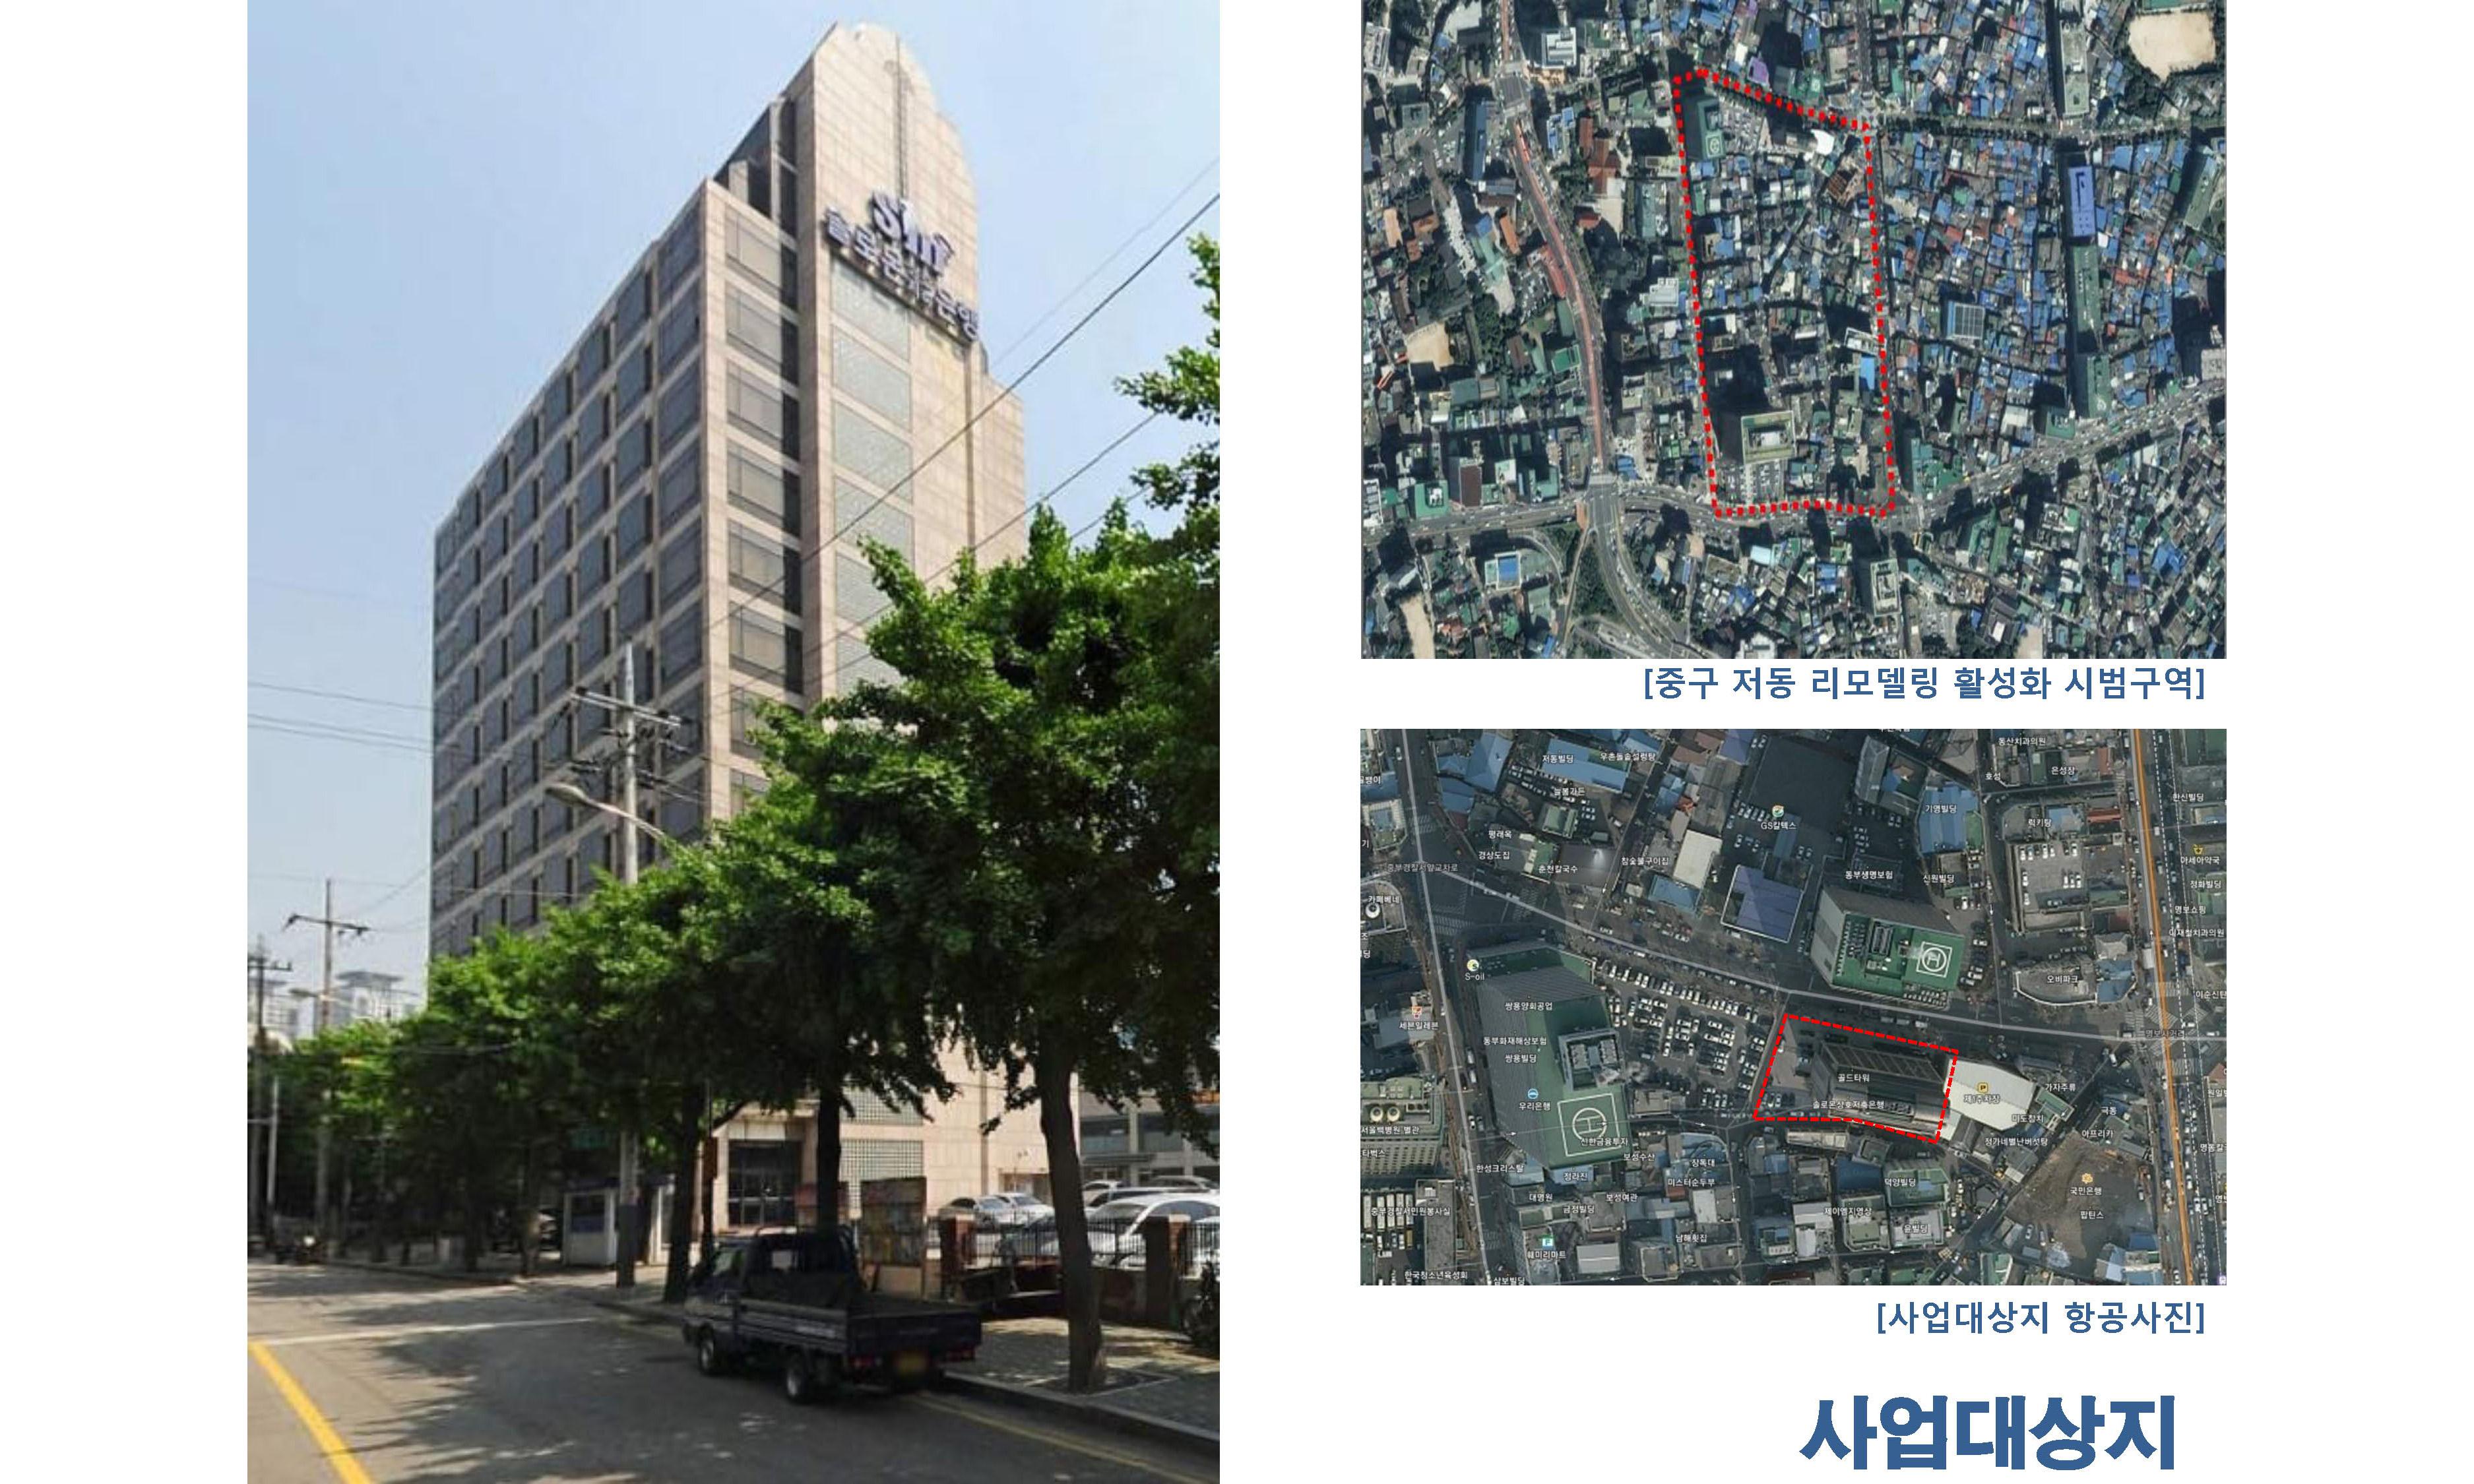 솔로몬 타워 리노베이션(00419)_페이지_02.jpg